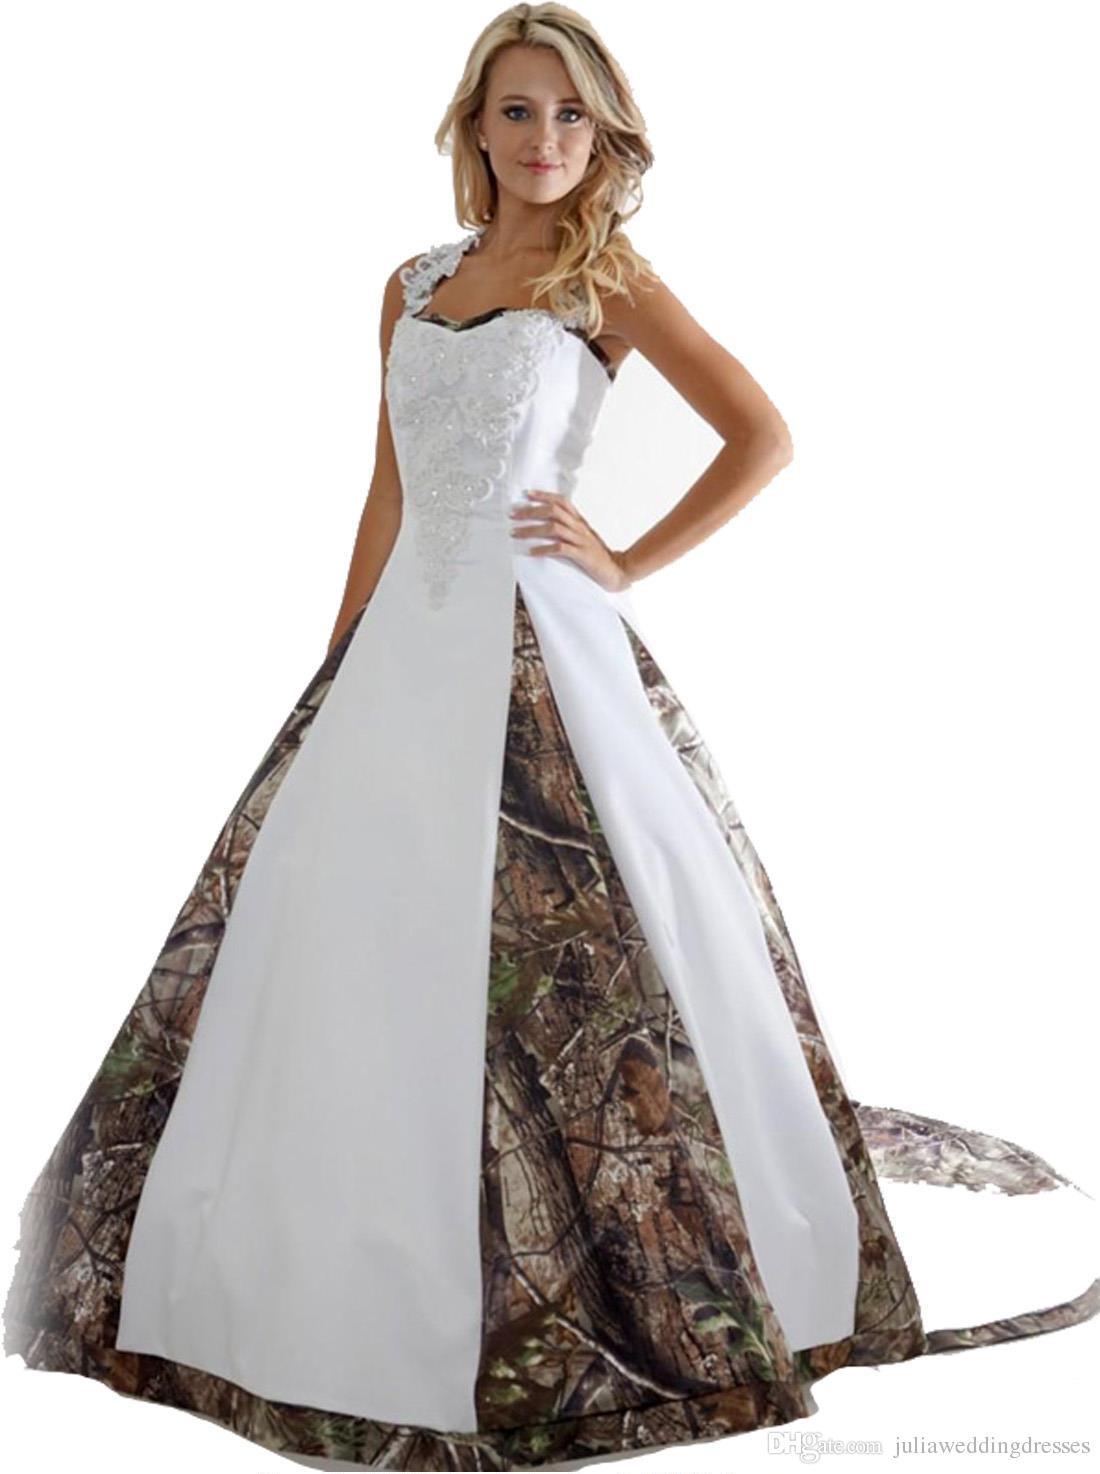 Sıcak Satış 2018 Yeni Gelinlik Aplikler Balo Uzun Kamuflaj Düğün Parti Elbise Gelin Törenlerinde Ile Q03